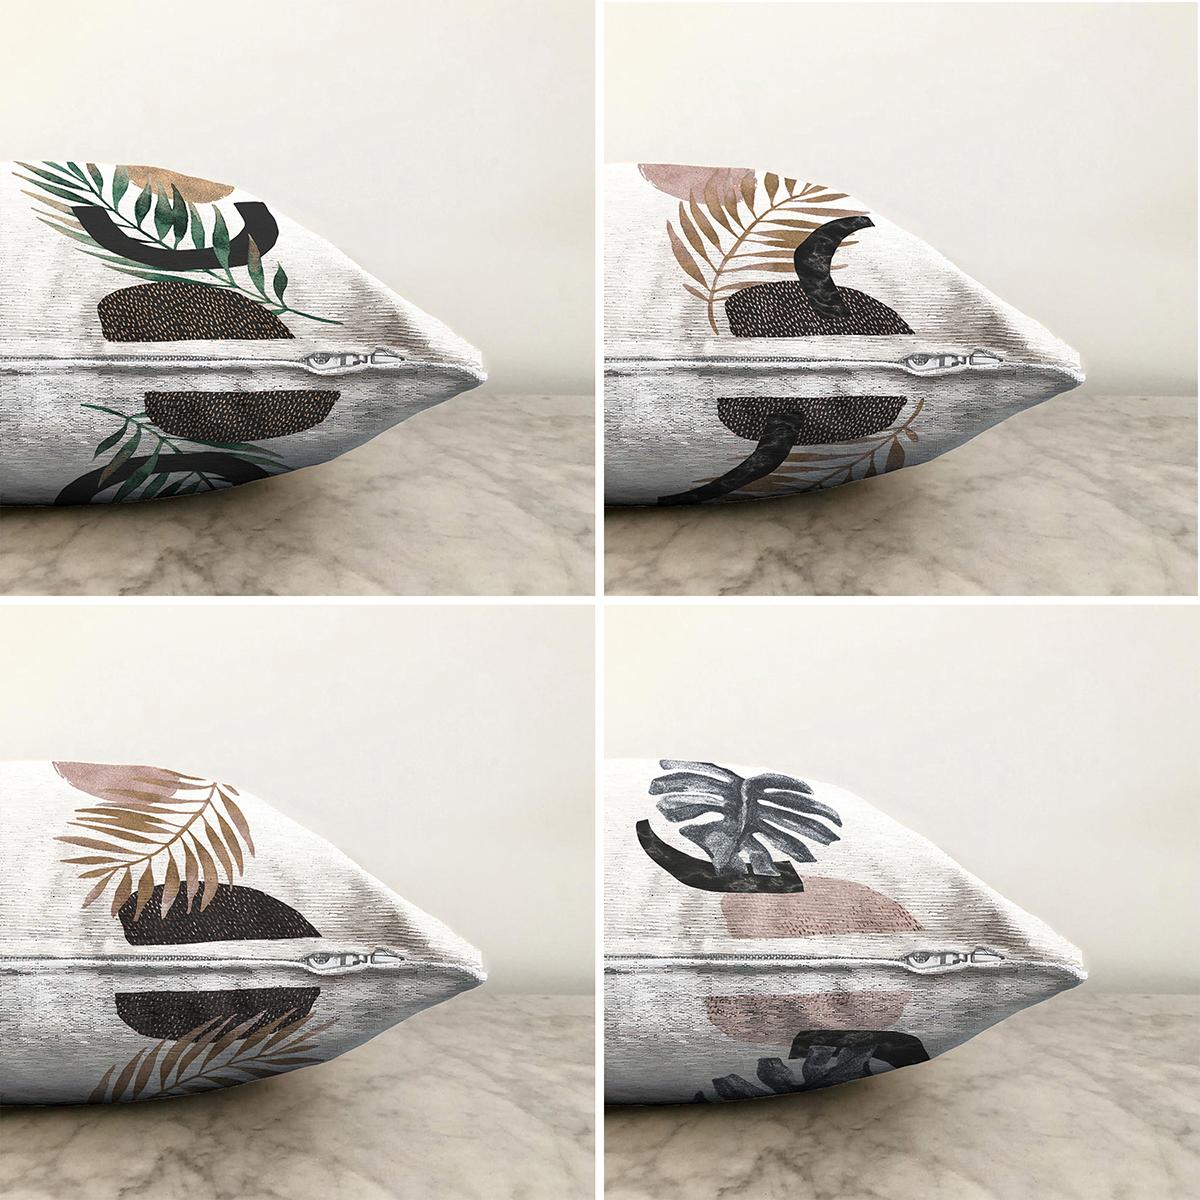 Beyaz Zeminde Gümüş Ve Gold Yaprak Tasarımlı Modern 4'lü Çift Taraflı Şönil Yastık Kırlent Kılıf Seti - 55 x 55 cm Realhomes